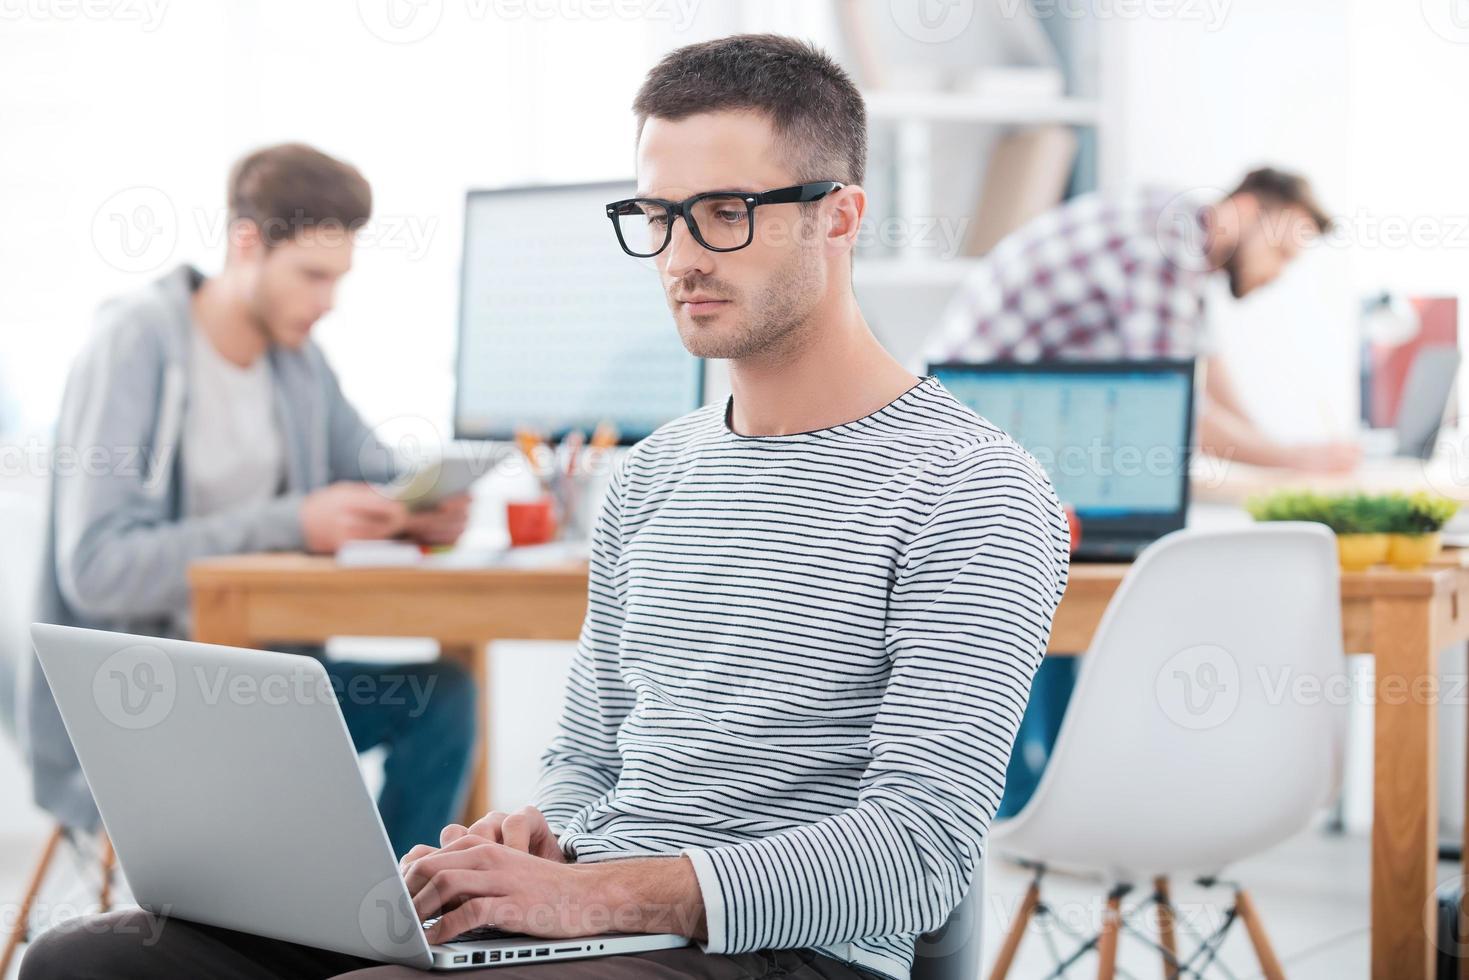 possiamo lavorare come desideriamo nel nostro ufficio. foto